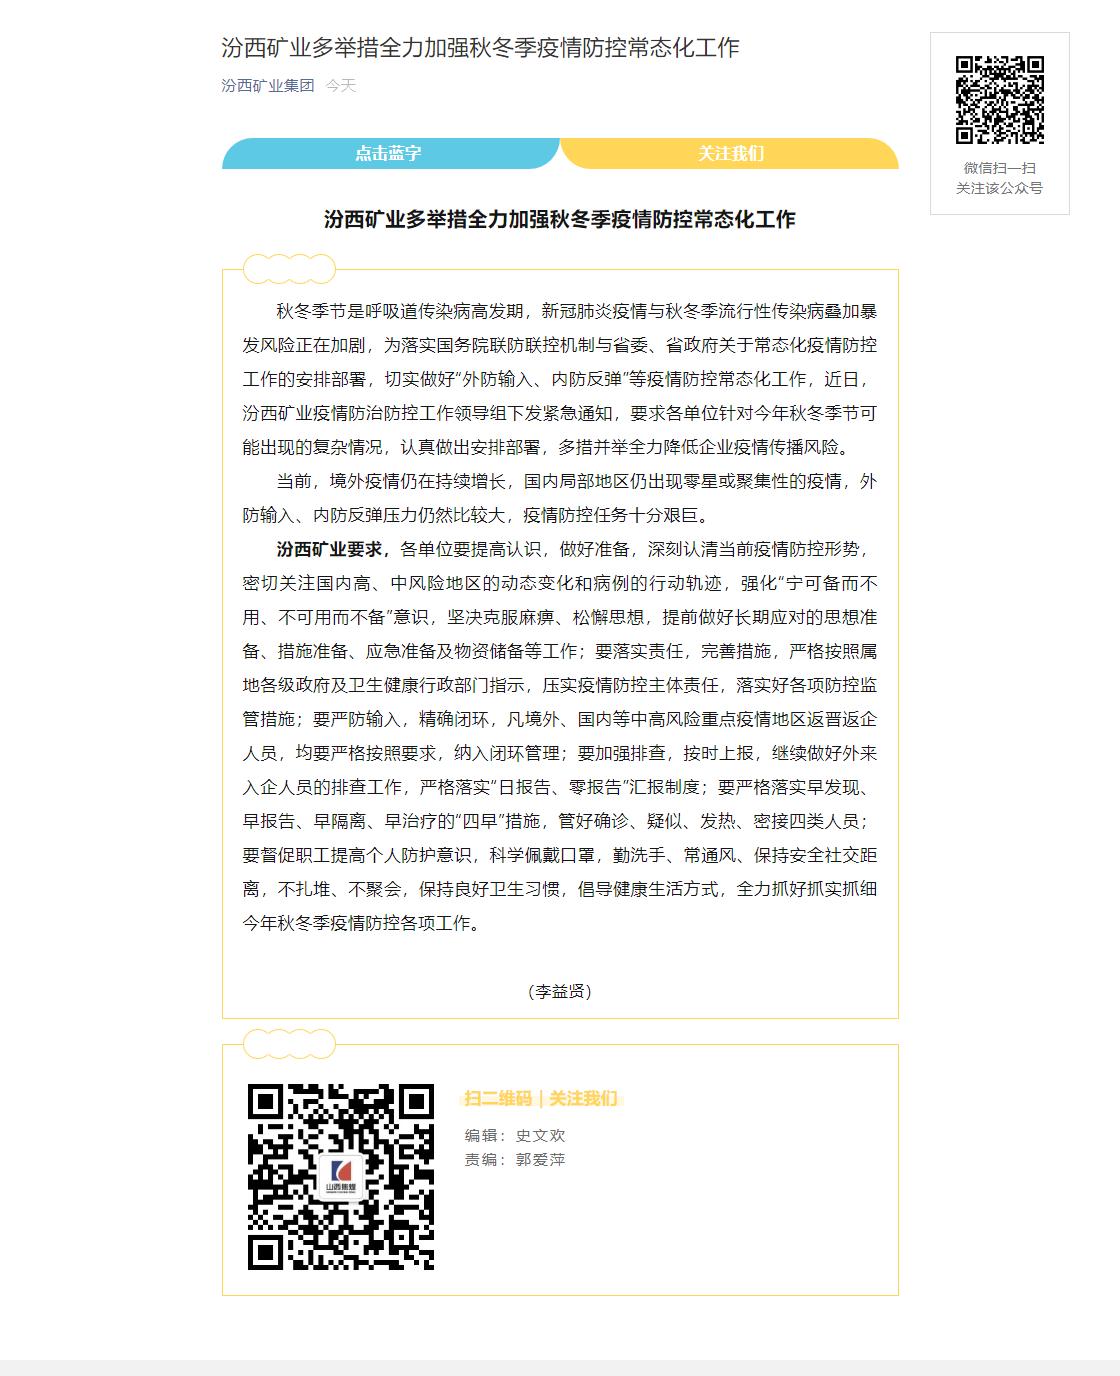 汾西矿业多举措全力加强秋冬季疫情防控常态化工作.png